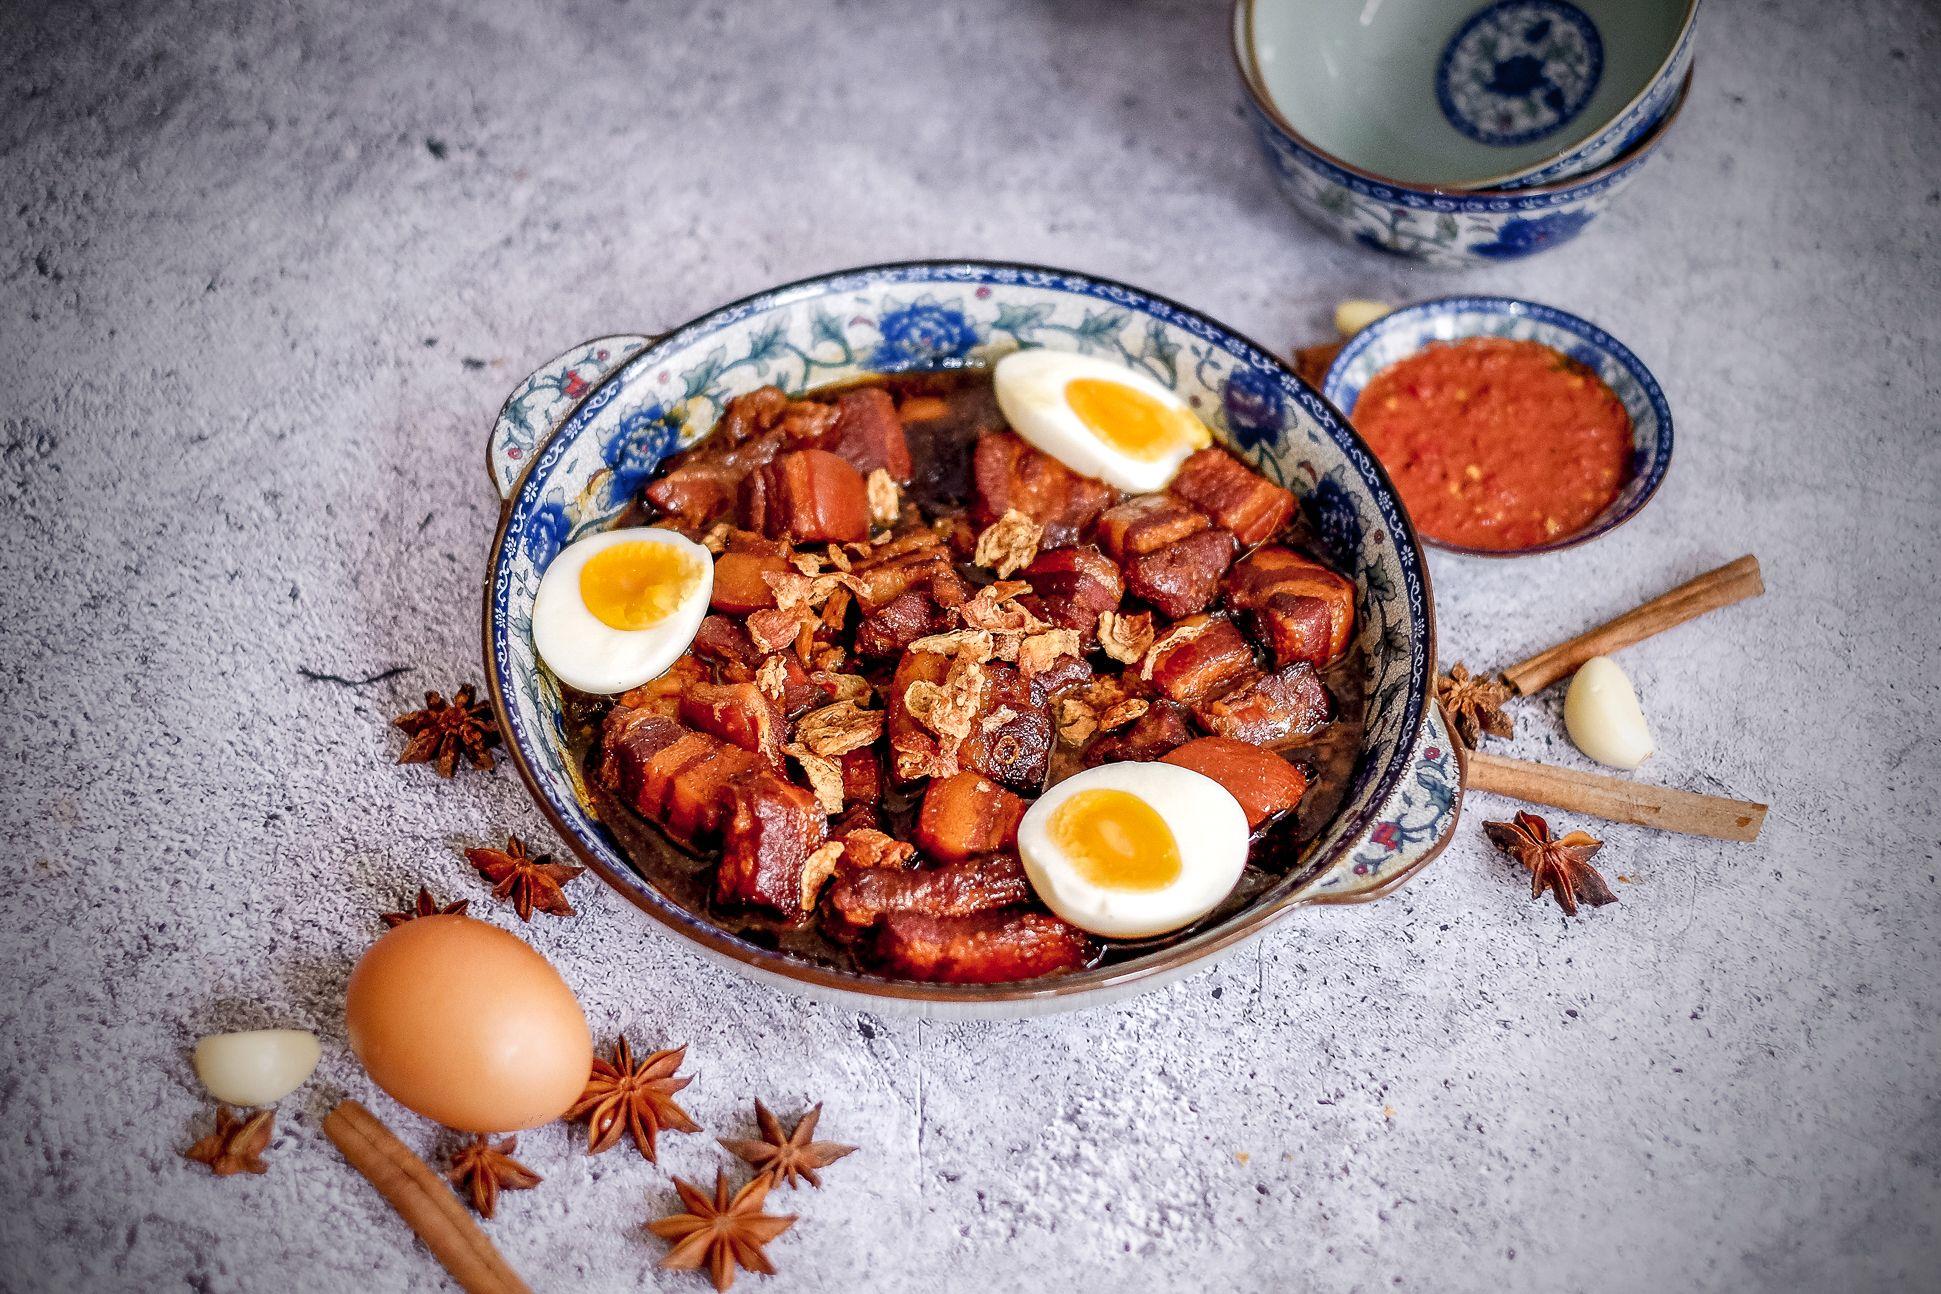 Picture of Tau Eu Bak in a bowl